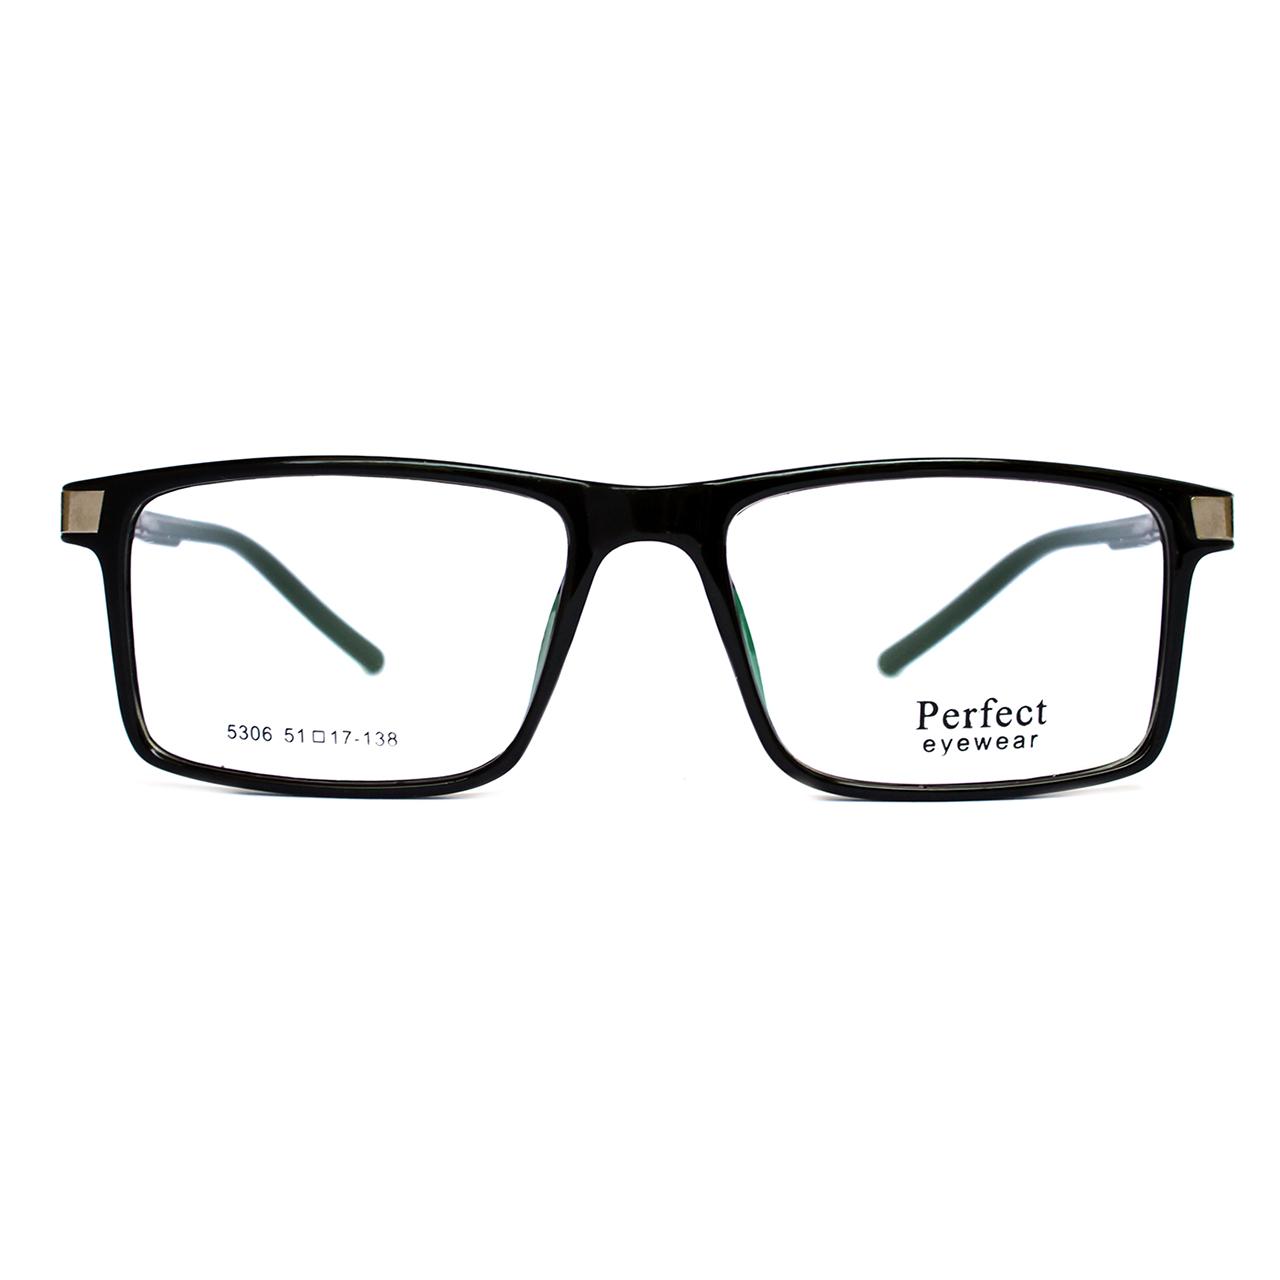 قیمت فریم عینک طبی پرفکت کد 5306